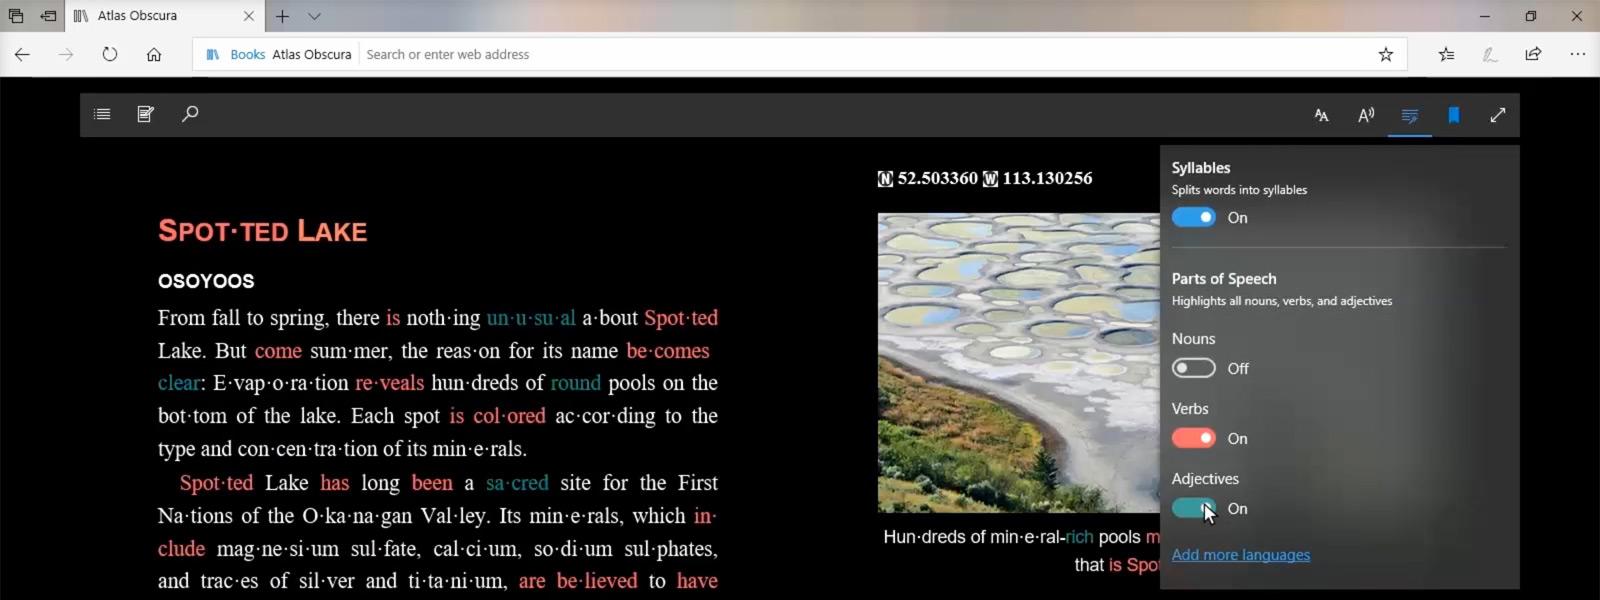 Ekrāna attēls ar funkcionalitāti Mācību rīki, kurā iezīmēti tīmekļa lapā esošie lietvārdi, darbības vārdi un īpašības vārdi